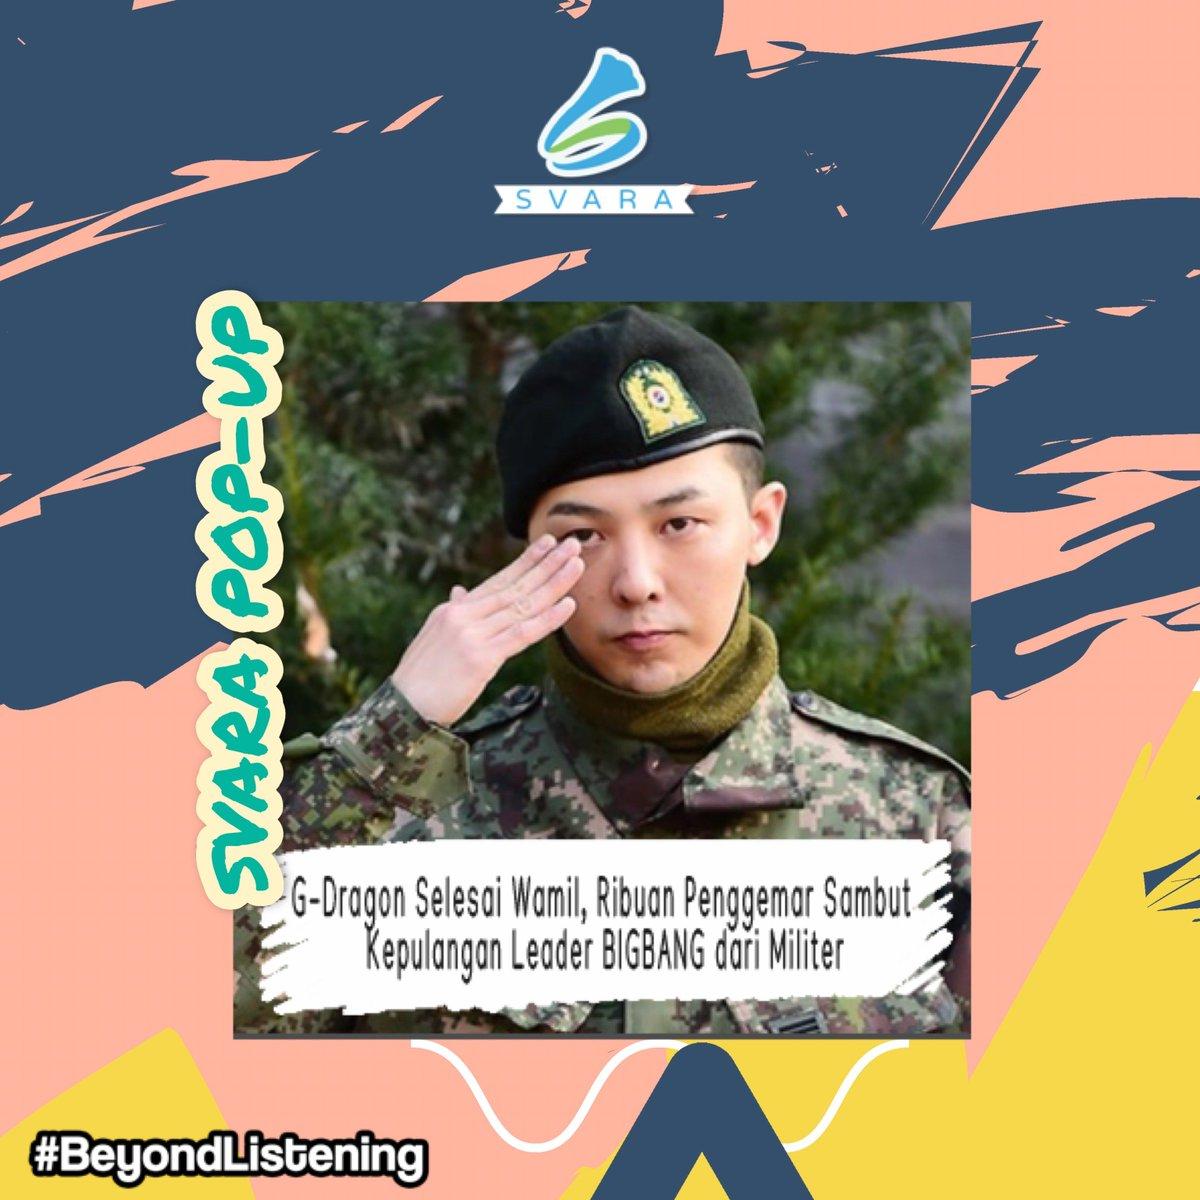 Bintang KpopG-Dragontelah menyelesaikan wajib militernya pada Sabtu (26/10/2019) pagi !! Sejumlah tagar kabar ini sempat menduduki daftar trending di Twitter. Seperti #ONE_OF_A_KIND-GD dan #KwonJiYong_Free_LiketheWind untuk menyambut sang idolanya itu! . #SVARA #beyondlistening pic.twitter.com/GW16ndxPfG